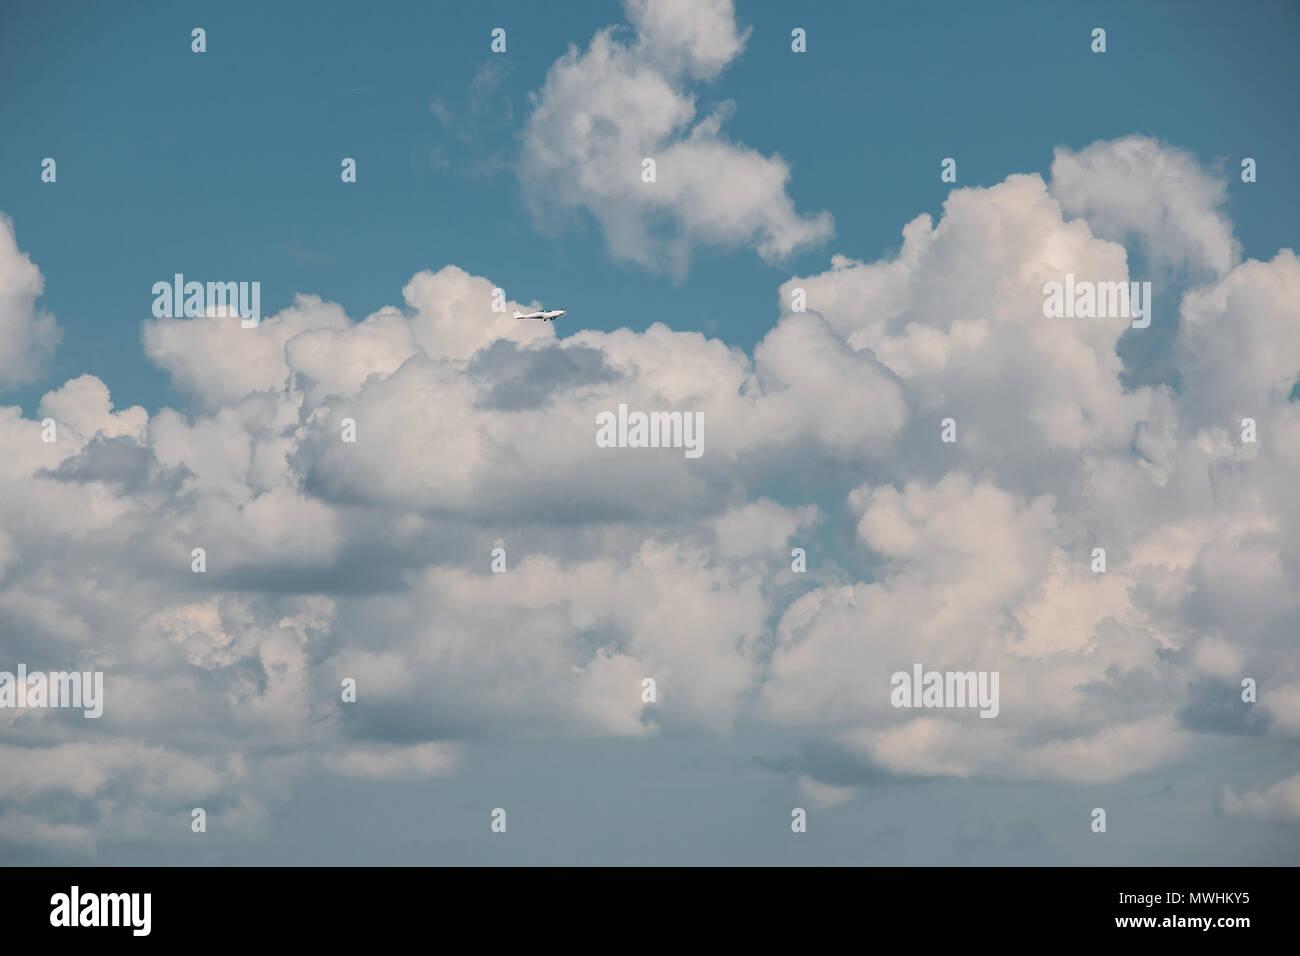 Kleines Flugzeug nähert sich in den blauen Himmel mit weißen Wolken Deutschland Stockbild